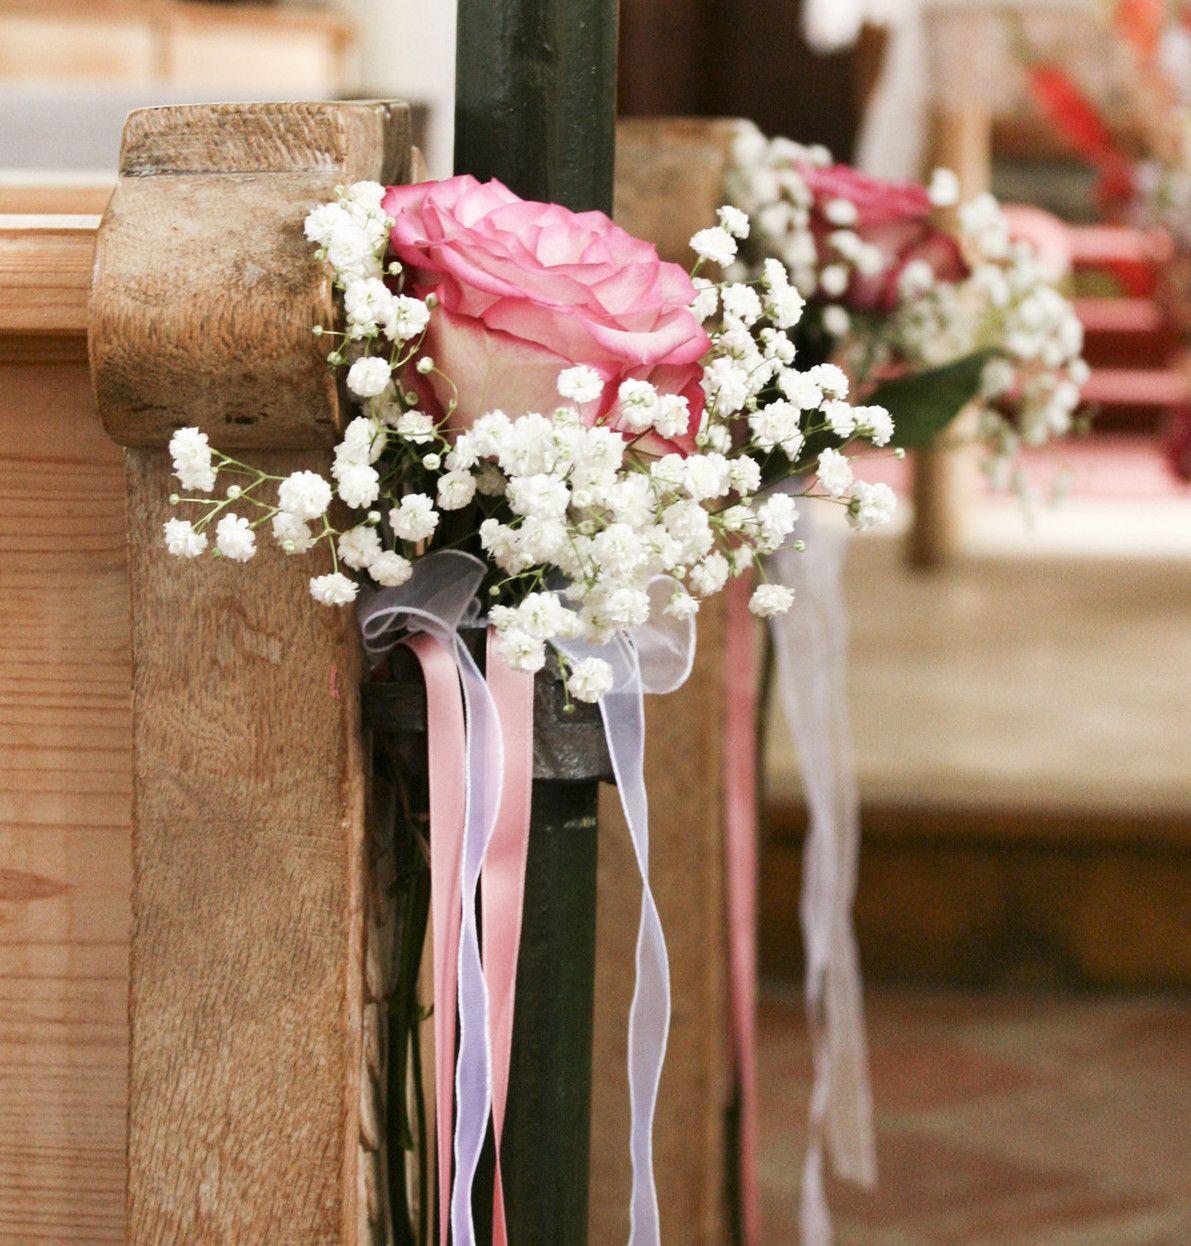 Blumendeko Auf Der Hochzeit Mit Schleierkraut Kirchenschmuck Hochzeit Schleierkraut Hochzeit Dekoration Hochzeit